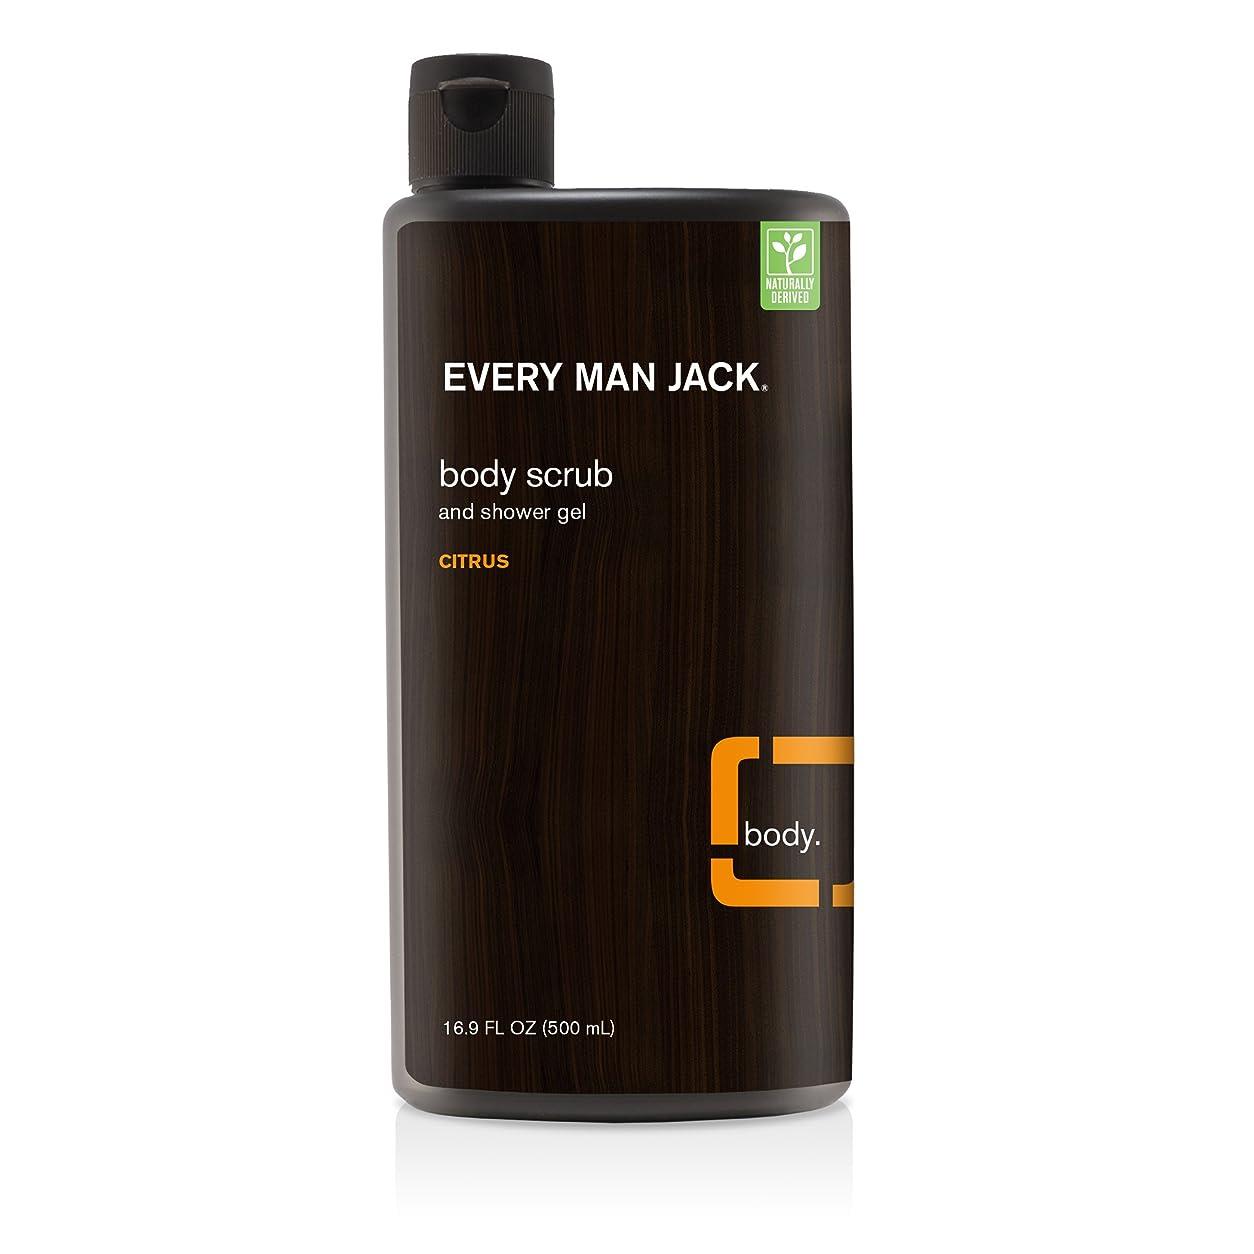 モスマネージャー議会Every Man Jack Citrus Body Scrub 473 ml (並行輸入品)